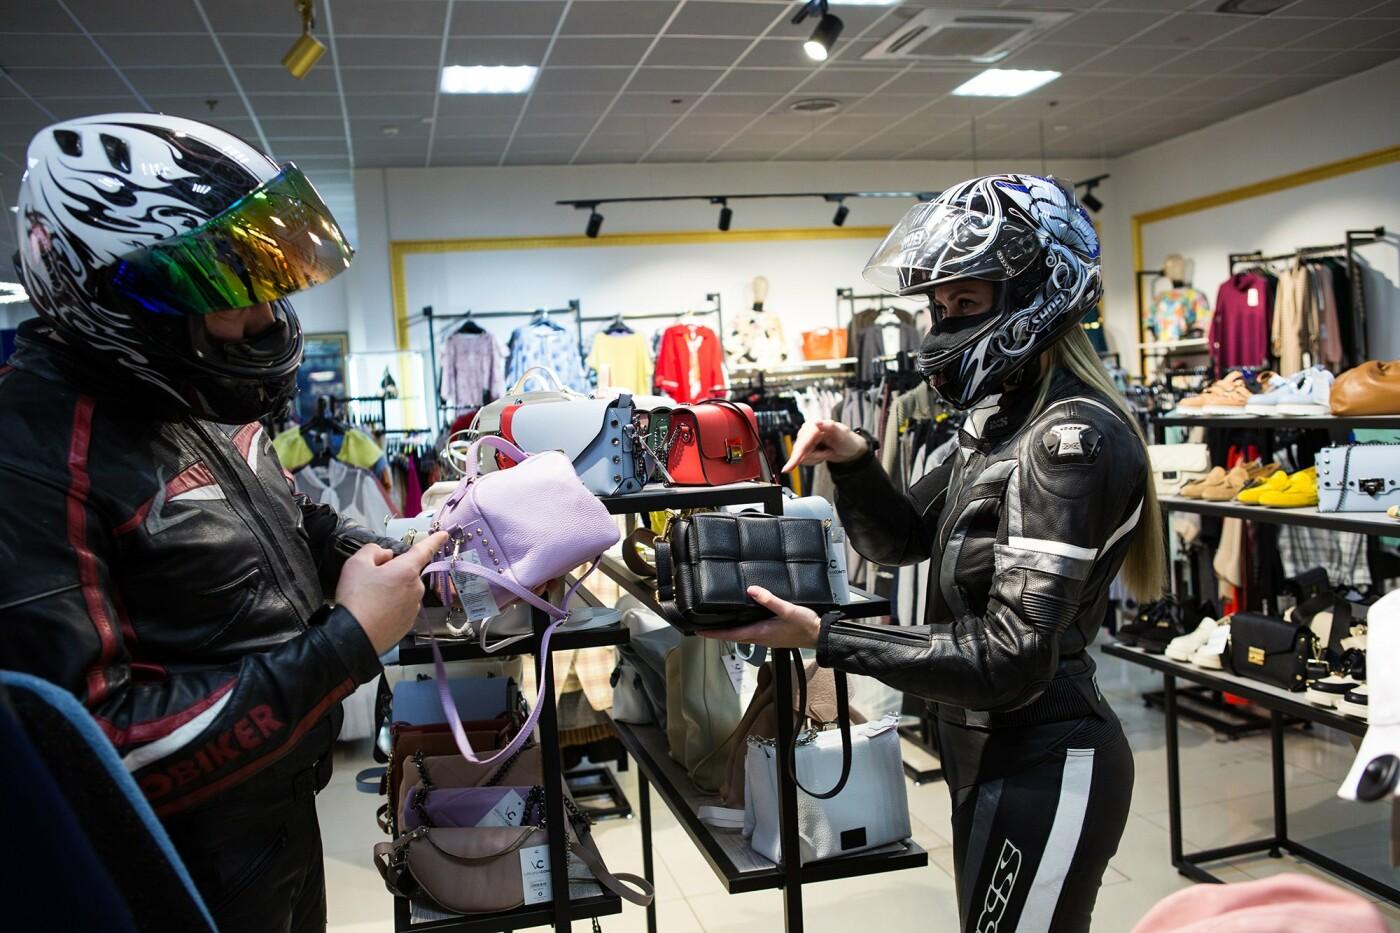 """Fashion&Profession: кто смог найти свой стиль в  ТРК """"Солнечная галерея""""  , фото-33"""